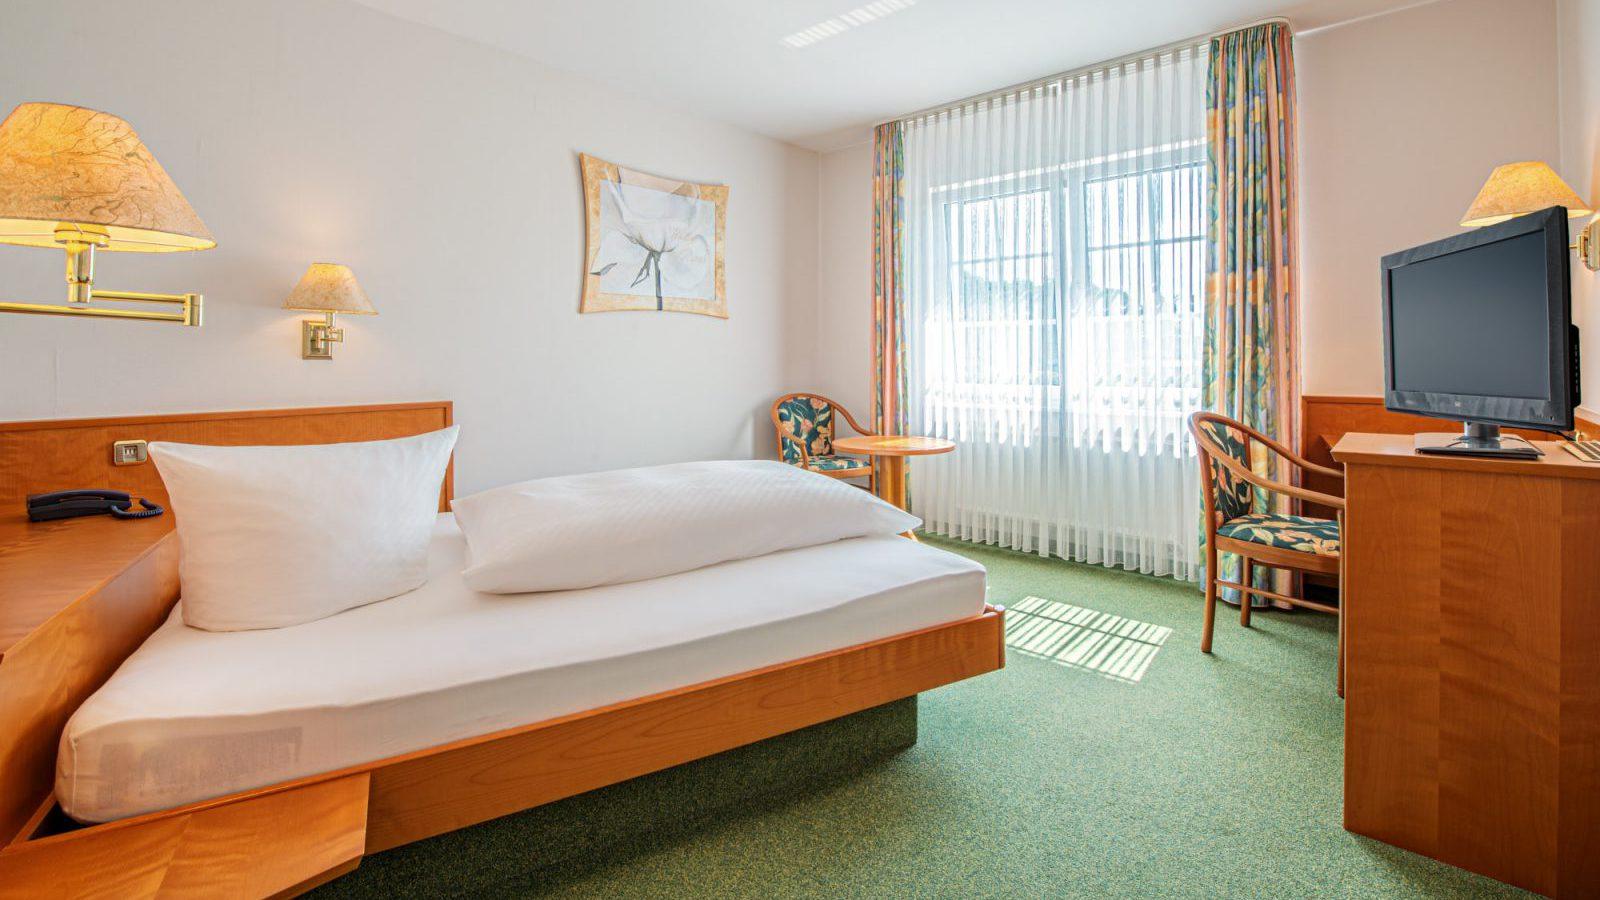 Ausgefallene Tischlen hotel hotel in siegen hotel restaurant pfeffermühle siegen